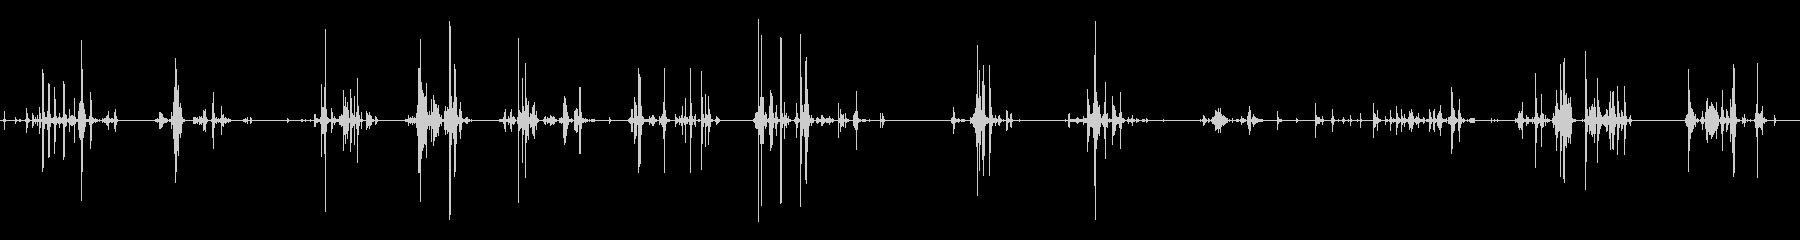 金属ツールラトル:ガタガタ音を立て...の未再生の波形